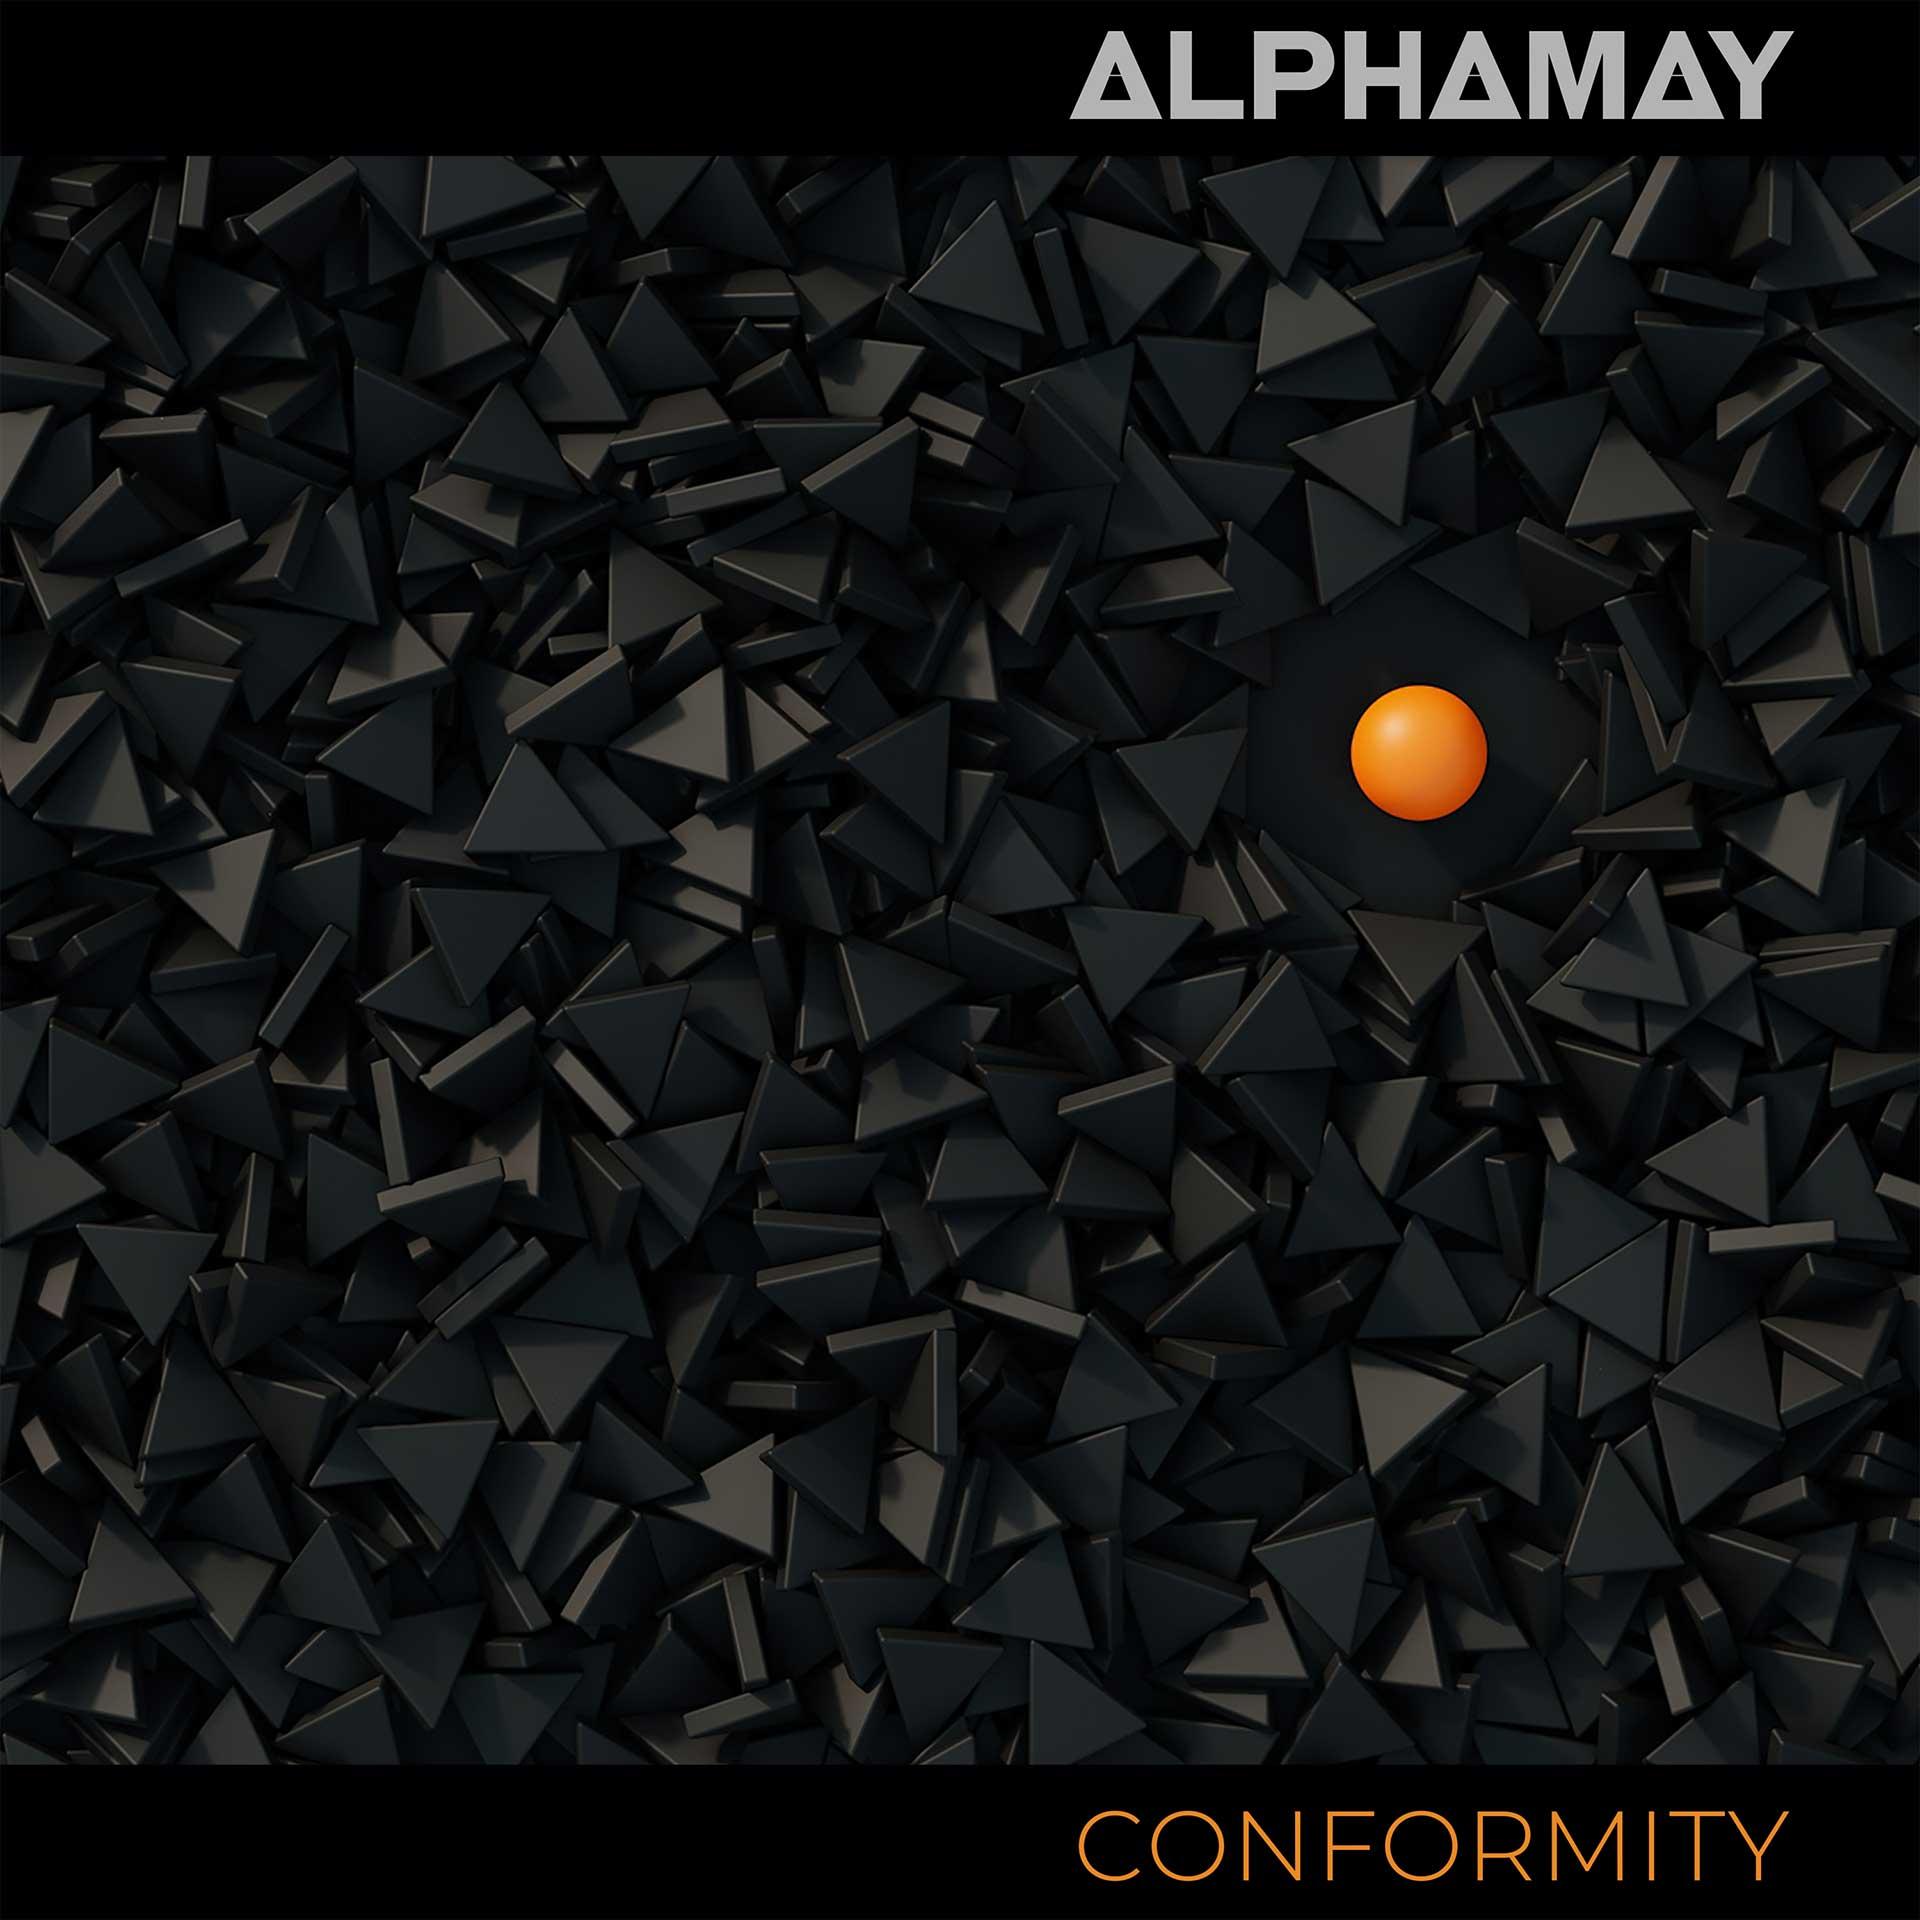 Alphamay - Conformity